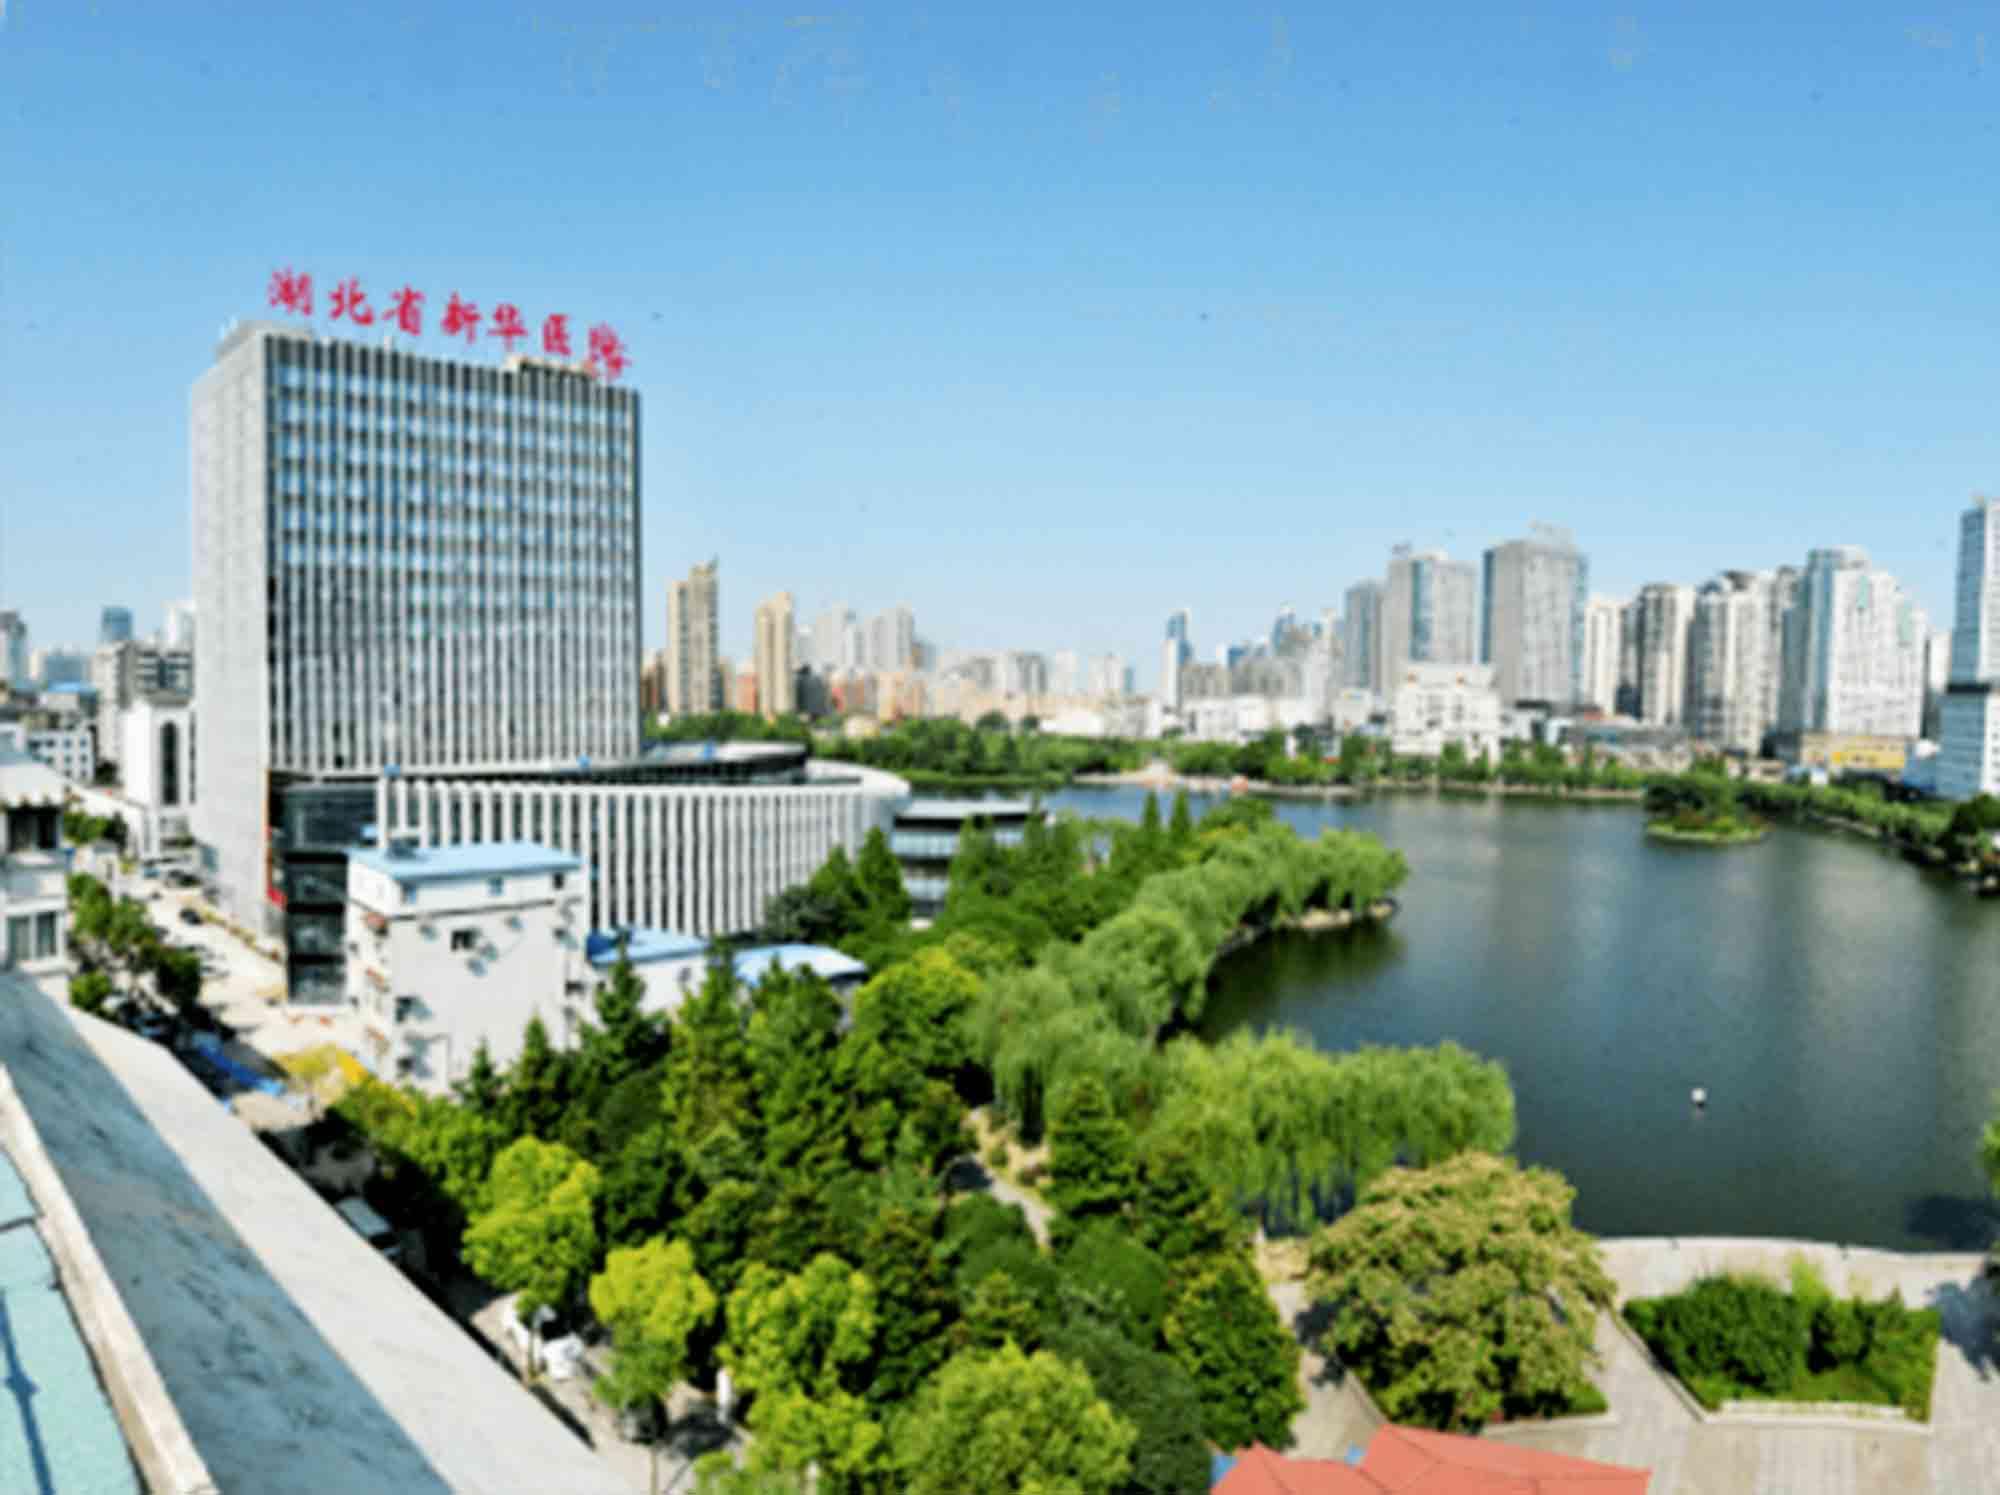 湖北省中西医结合医院(湖北省新华医院)体检中心